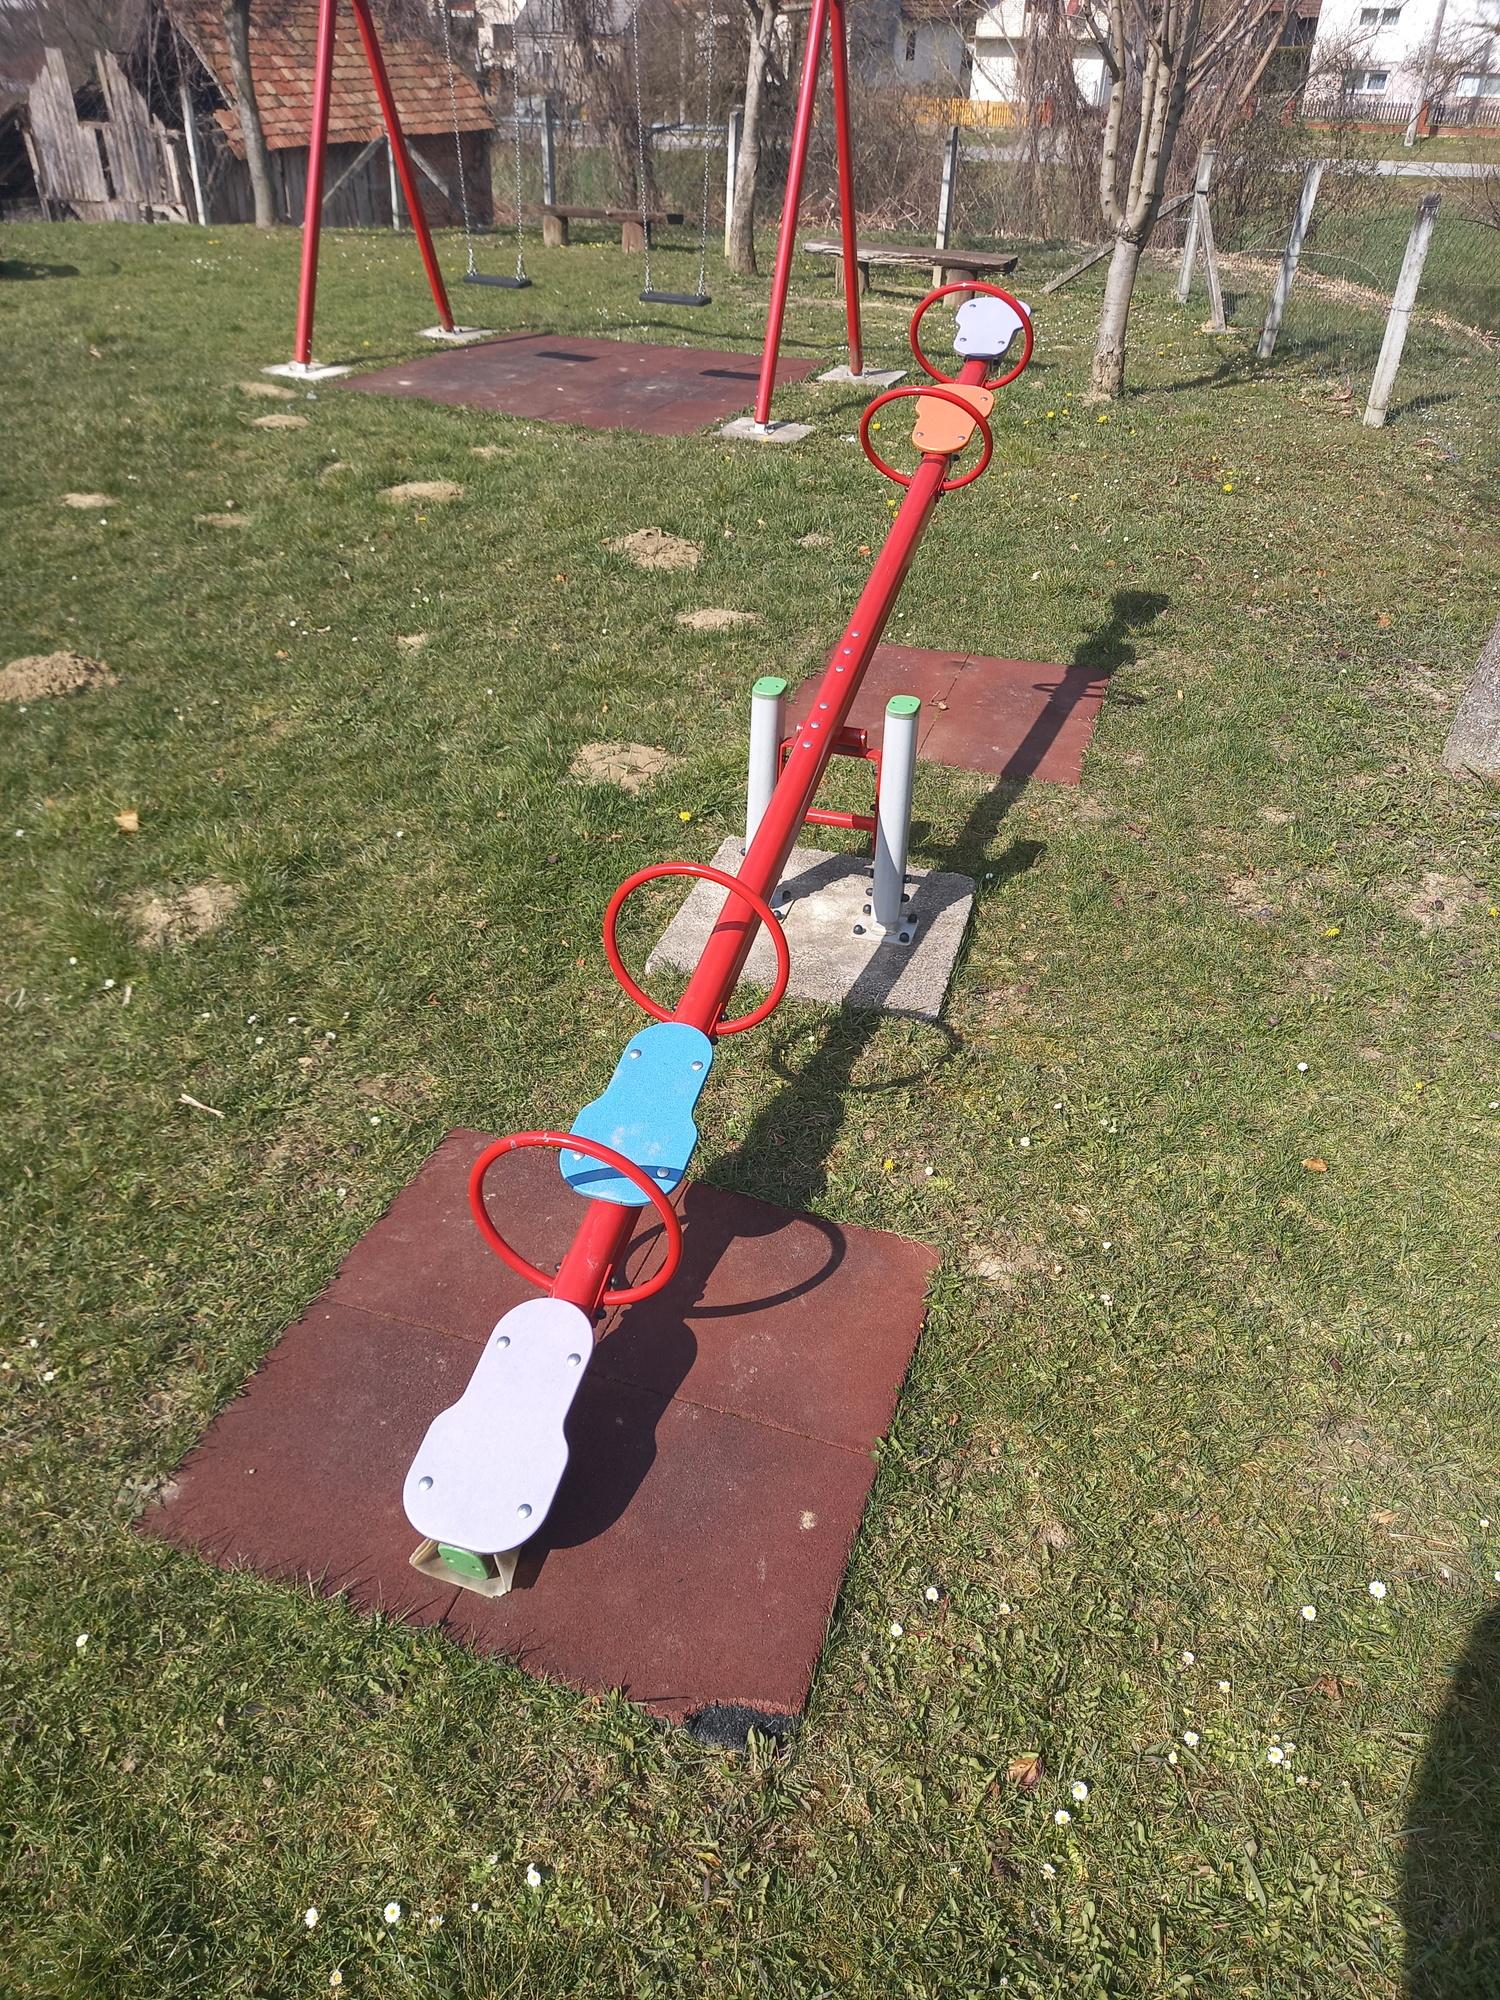 dječje igralište u krugu 1.jpg